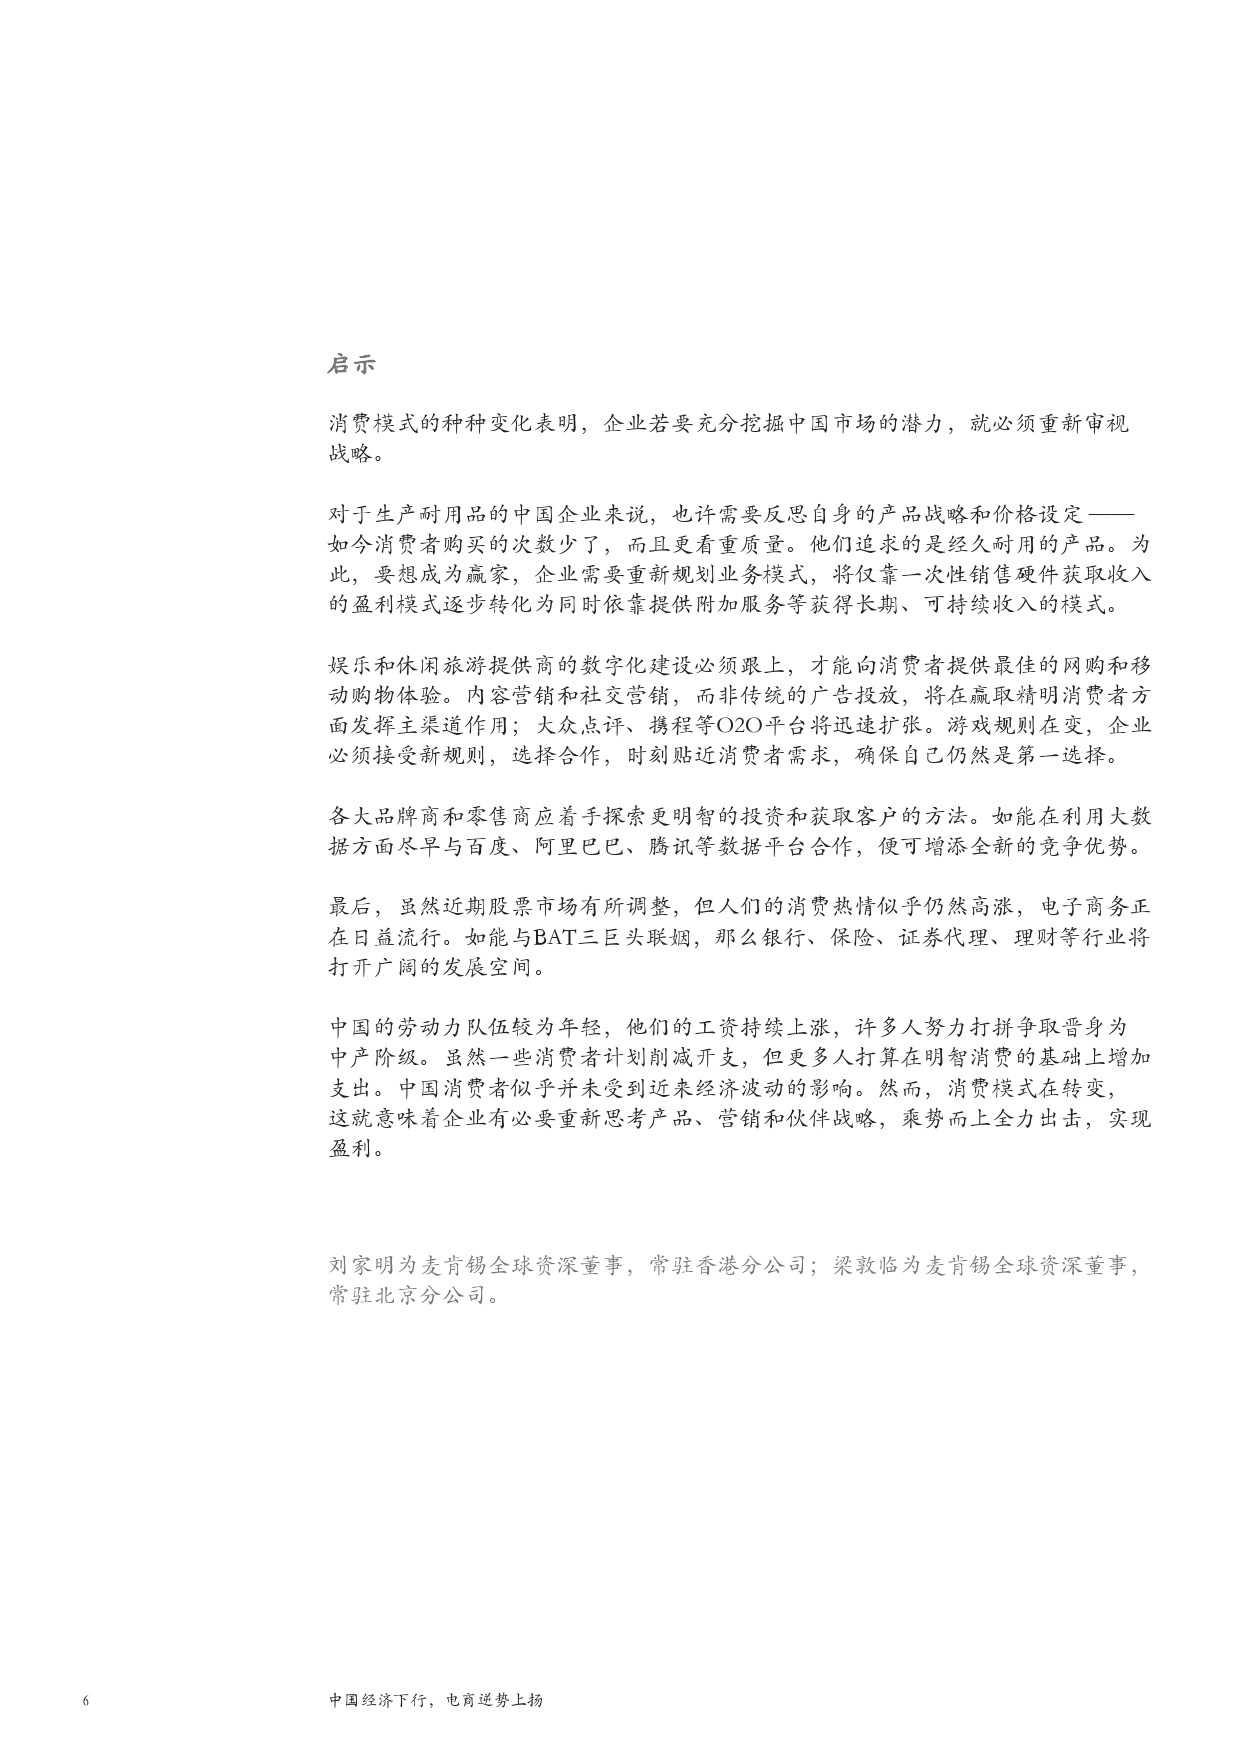 麦肯锡:中国经济下行,电商逆势上扬_000010